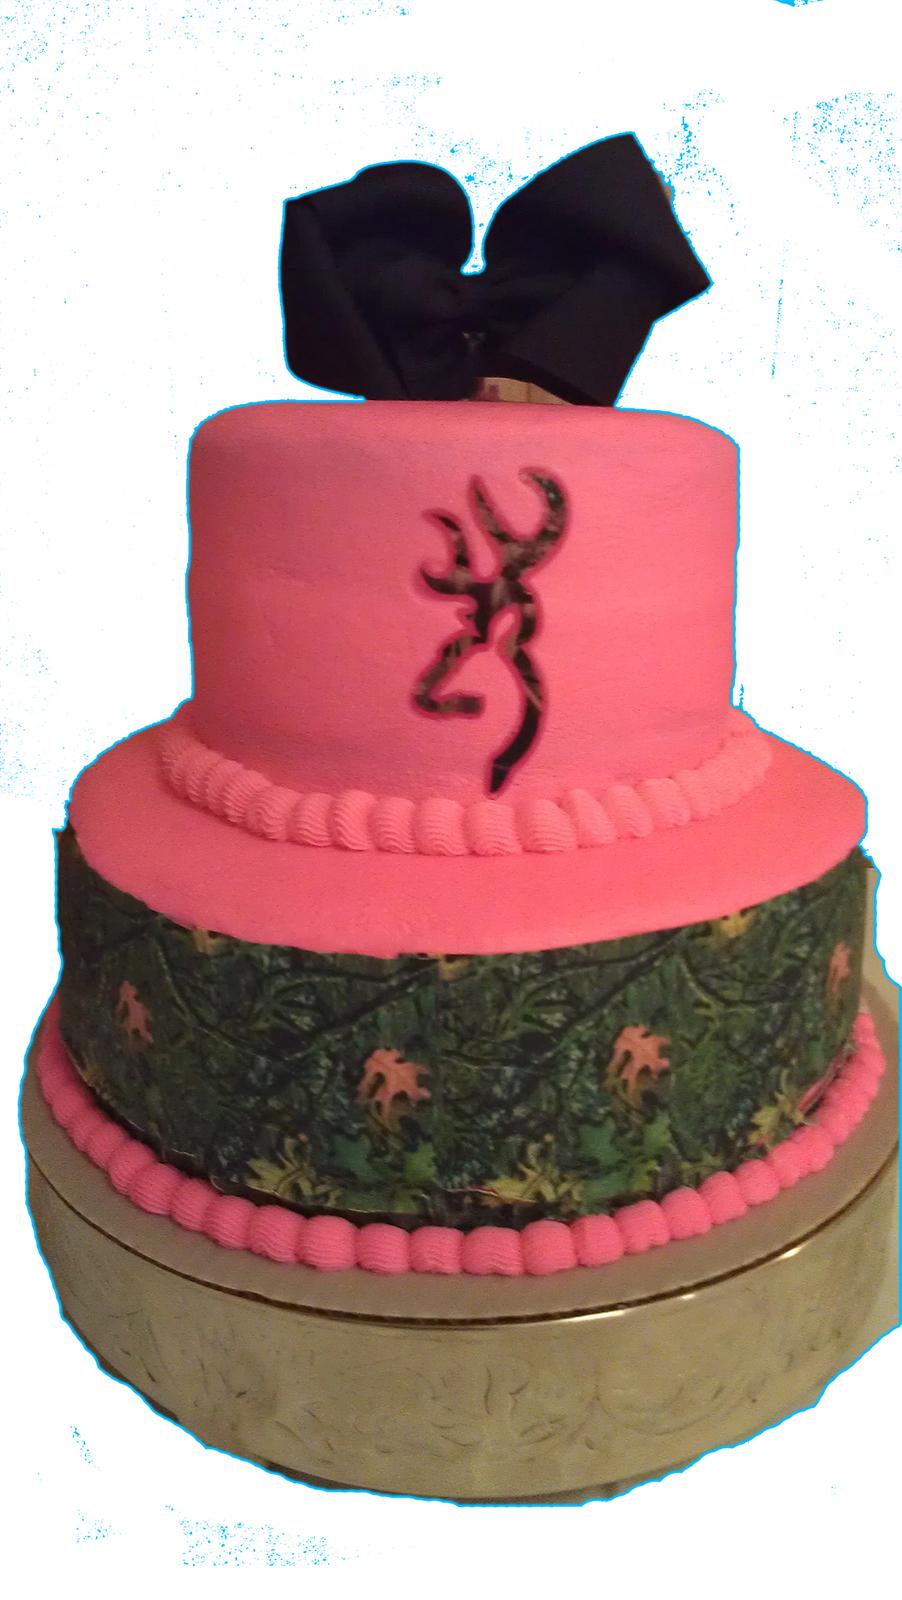 Mossy Oak Pink Mossy Oak WEDDING BUCK DOE Edible Cake Topper Image Decoration